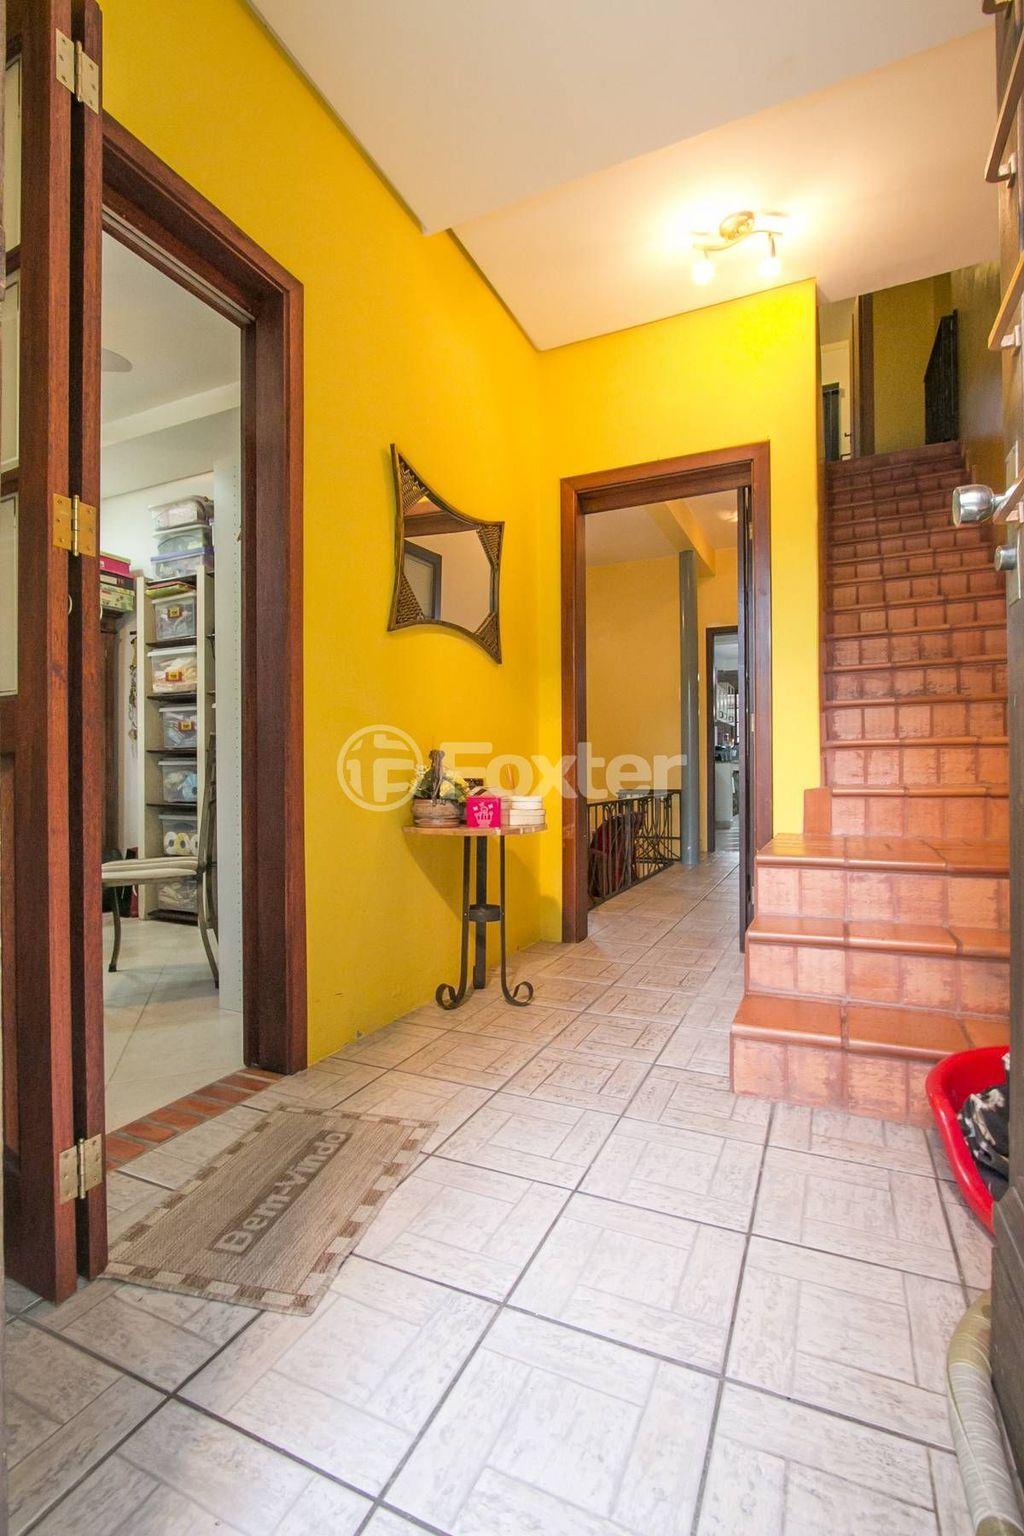 Foxter Imobiliária - Casa 3 Dorm, Menino Deus - Foto 2